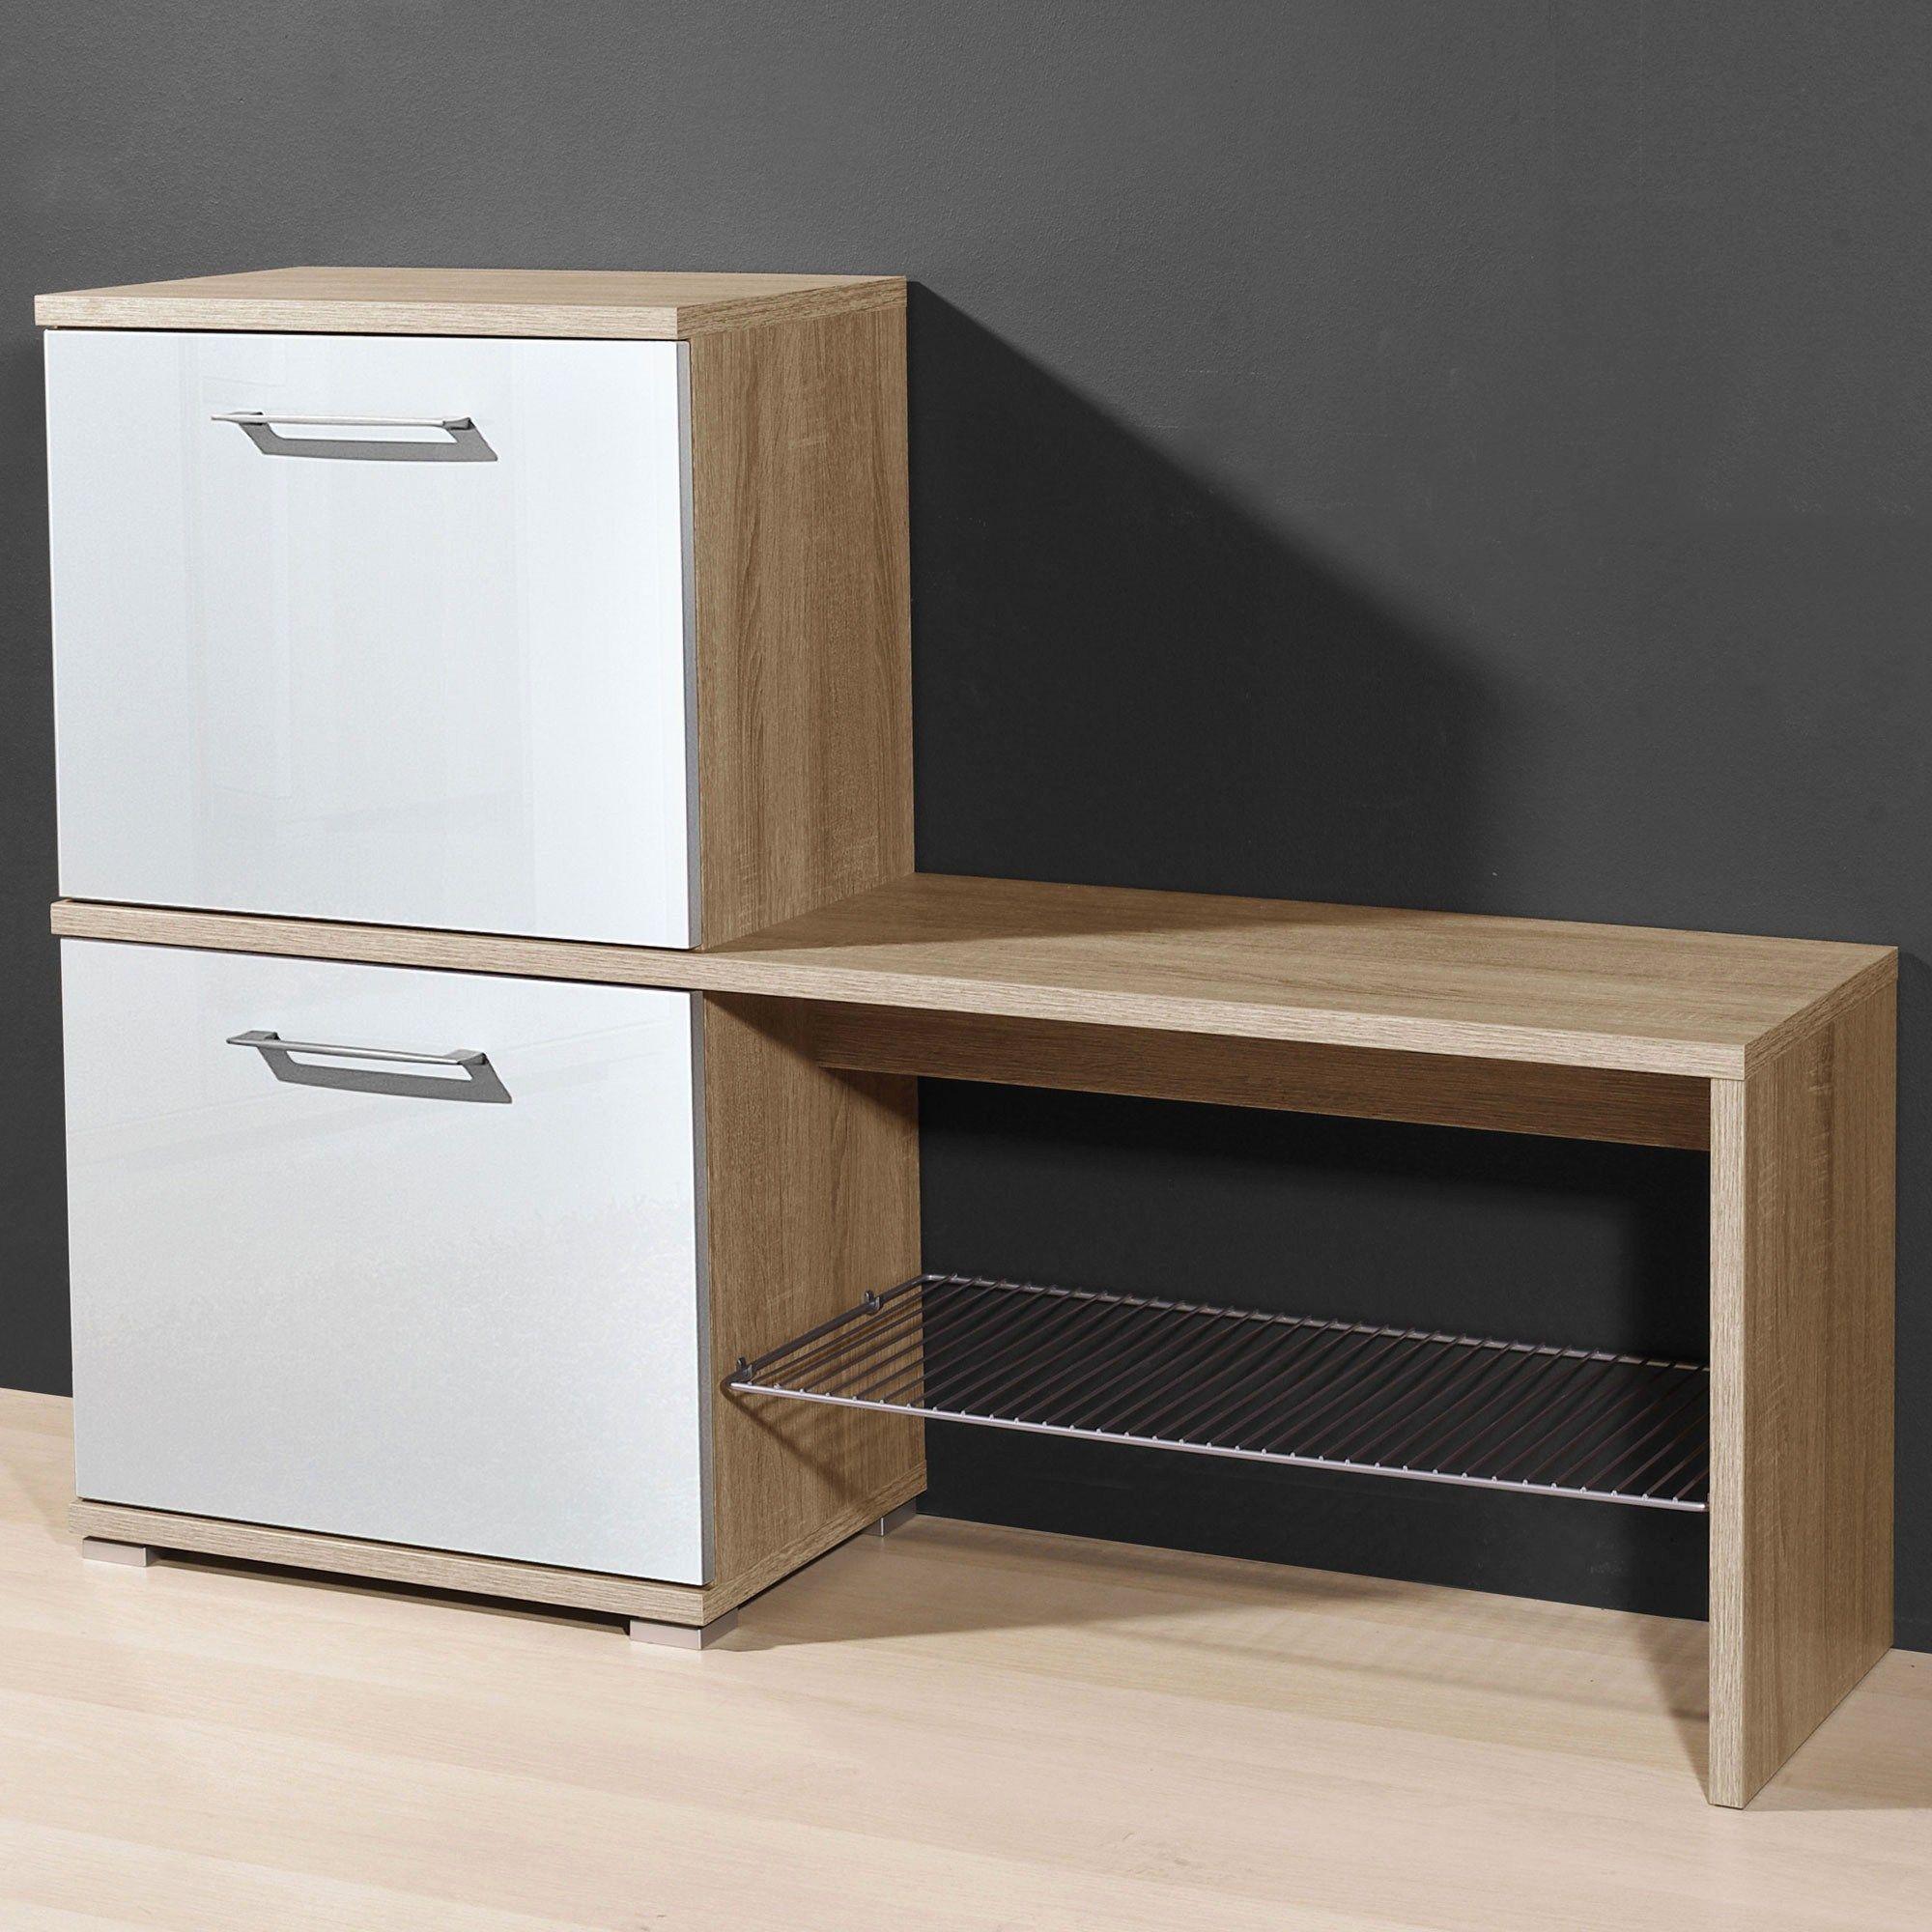 New Coffre Rangement Maison Du Monde Shoe Storage Modern Modern Shoe Rack Shoe Storage Solutions